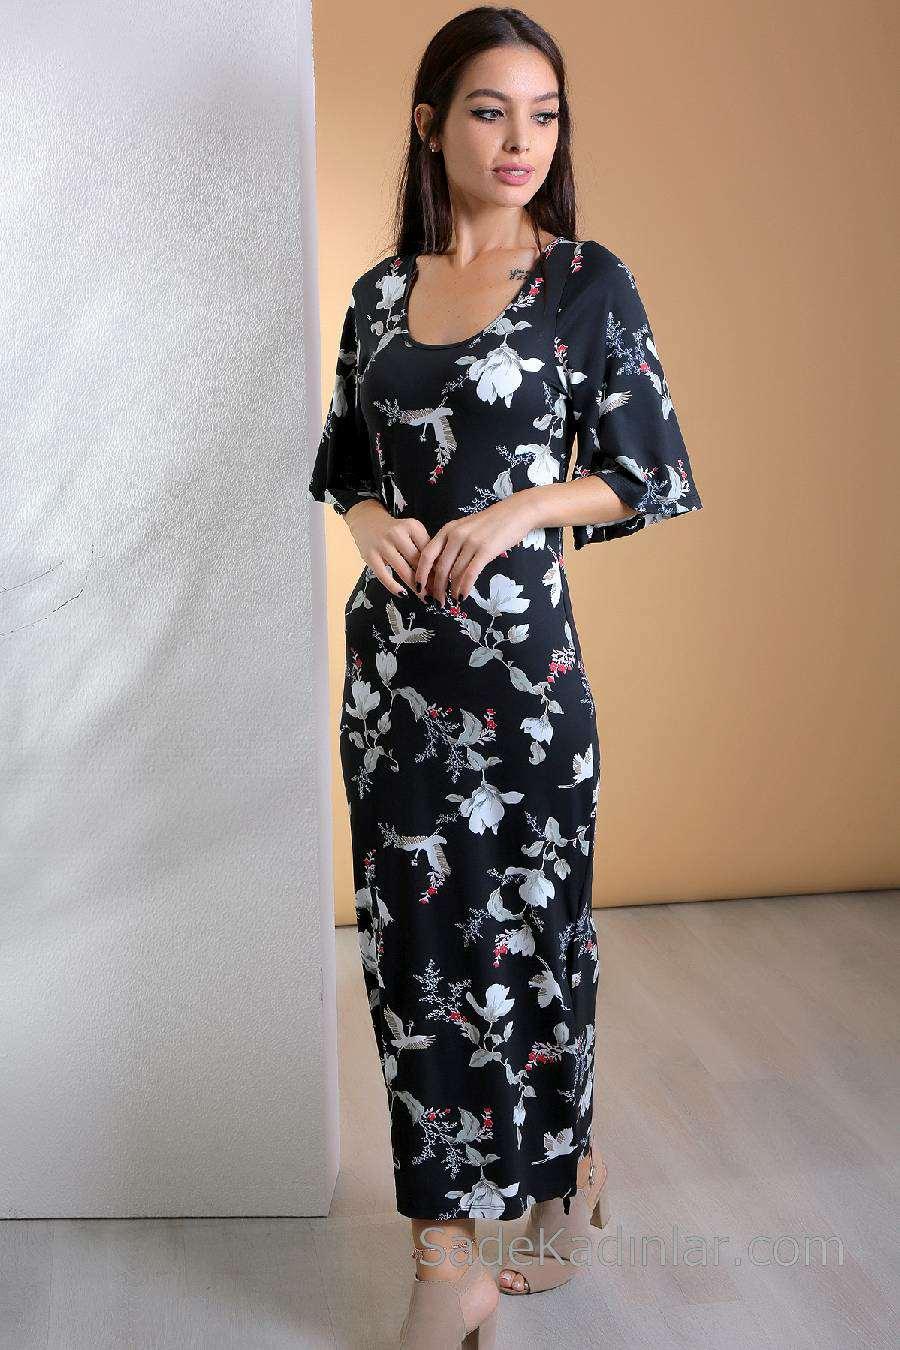 a696736e43484 2019 Günlük Elbise Modelleri Siyah Uzun Kısa Kollu Çiçek Desenli ...